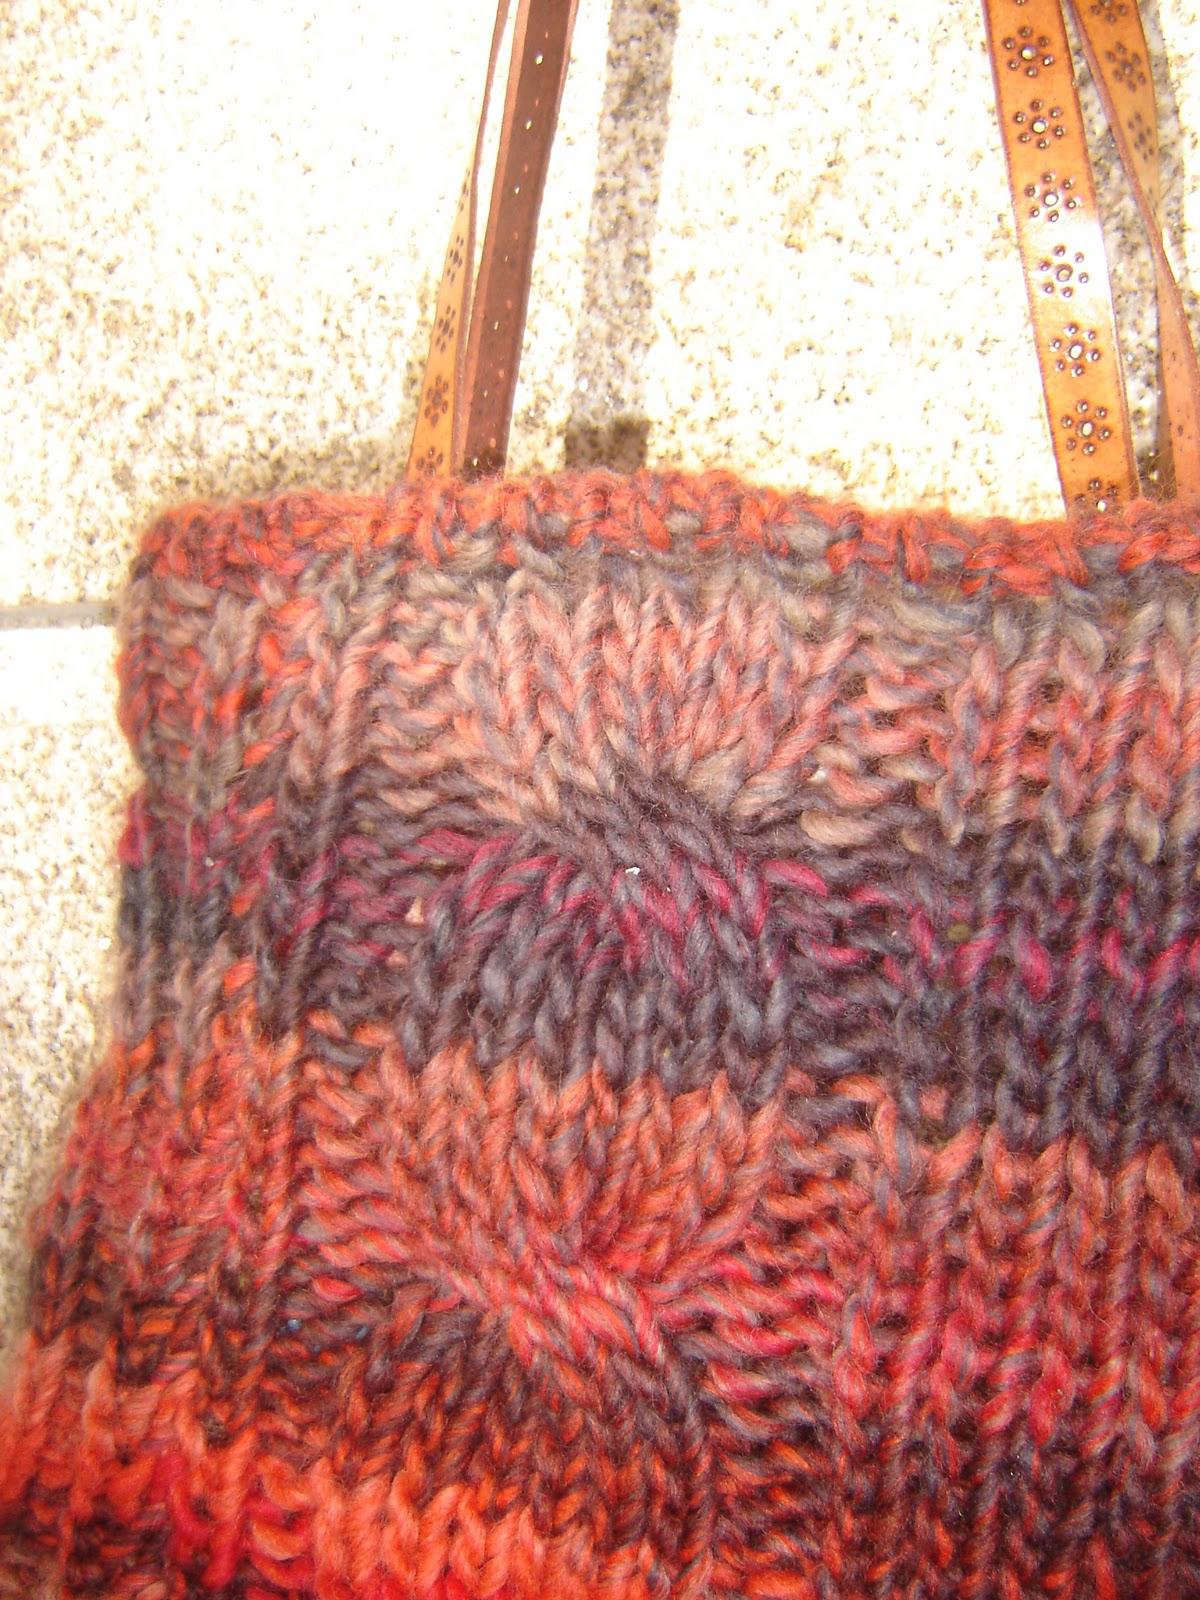 El bosque de lana vamos a reciclar bolsos viejos - Reciclar restos de lana ...